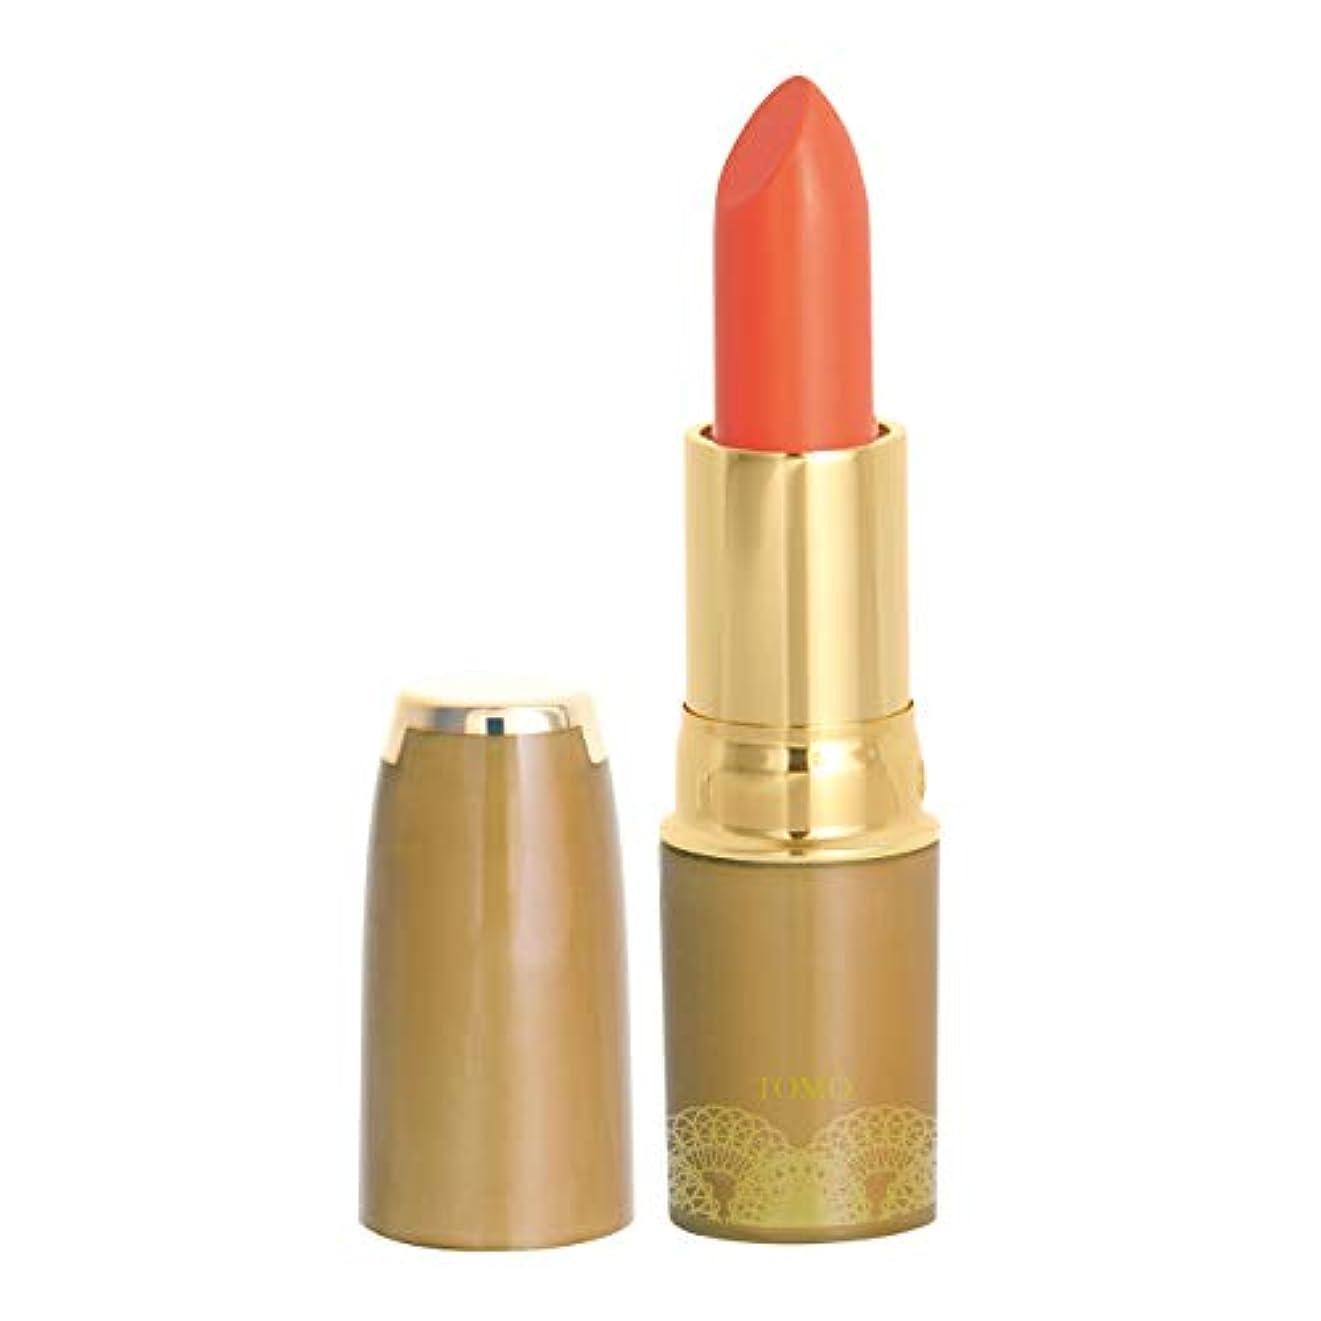 取り囲む層男やもめ安心 安全 低刺激 食用色素からできた口紅 ナチュレリップカラー LC-03 (コーラルオレンジ) 全6色